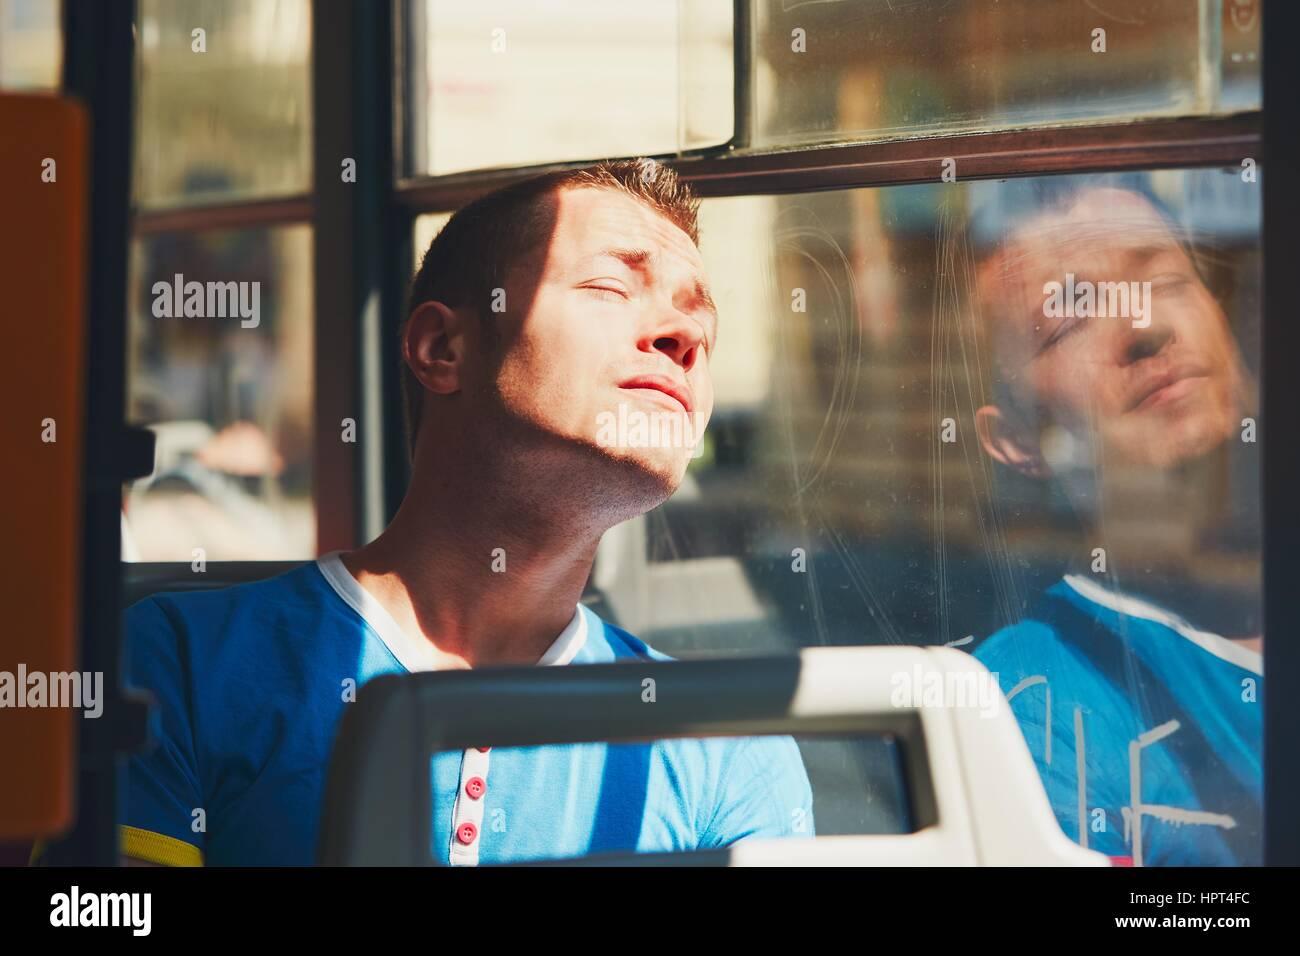 Alltag und pendeln zur Arbeit mit öffentlichen Verkehrsmitteln. Hübscher junger Mann reist mit der Straßenbahn Stockbild